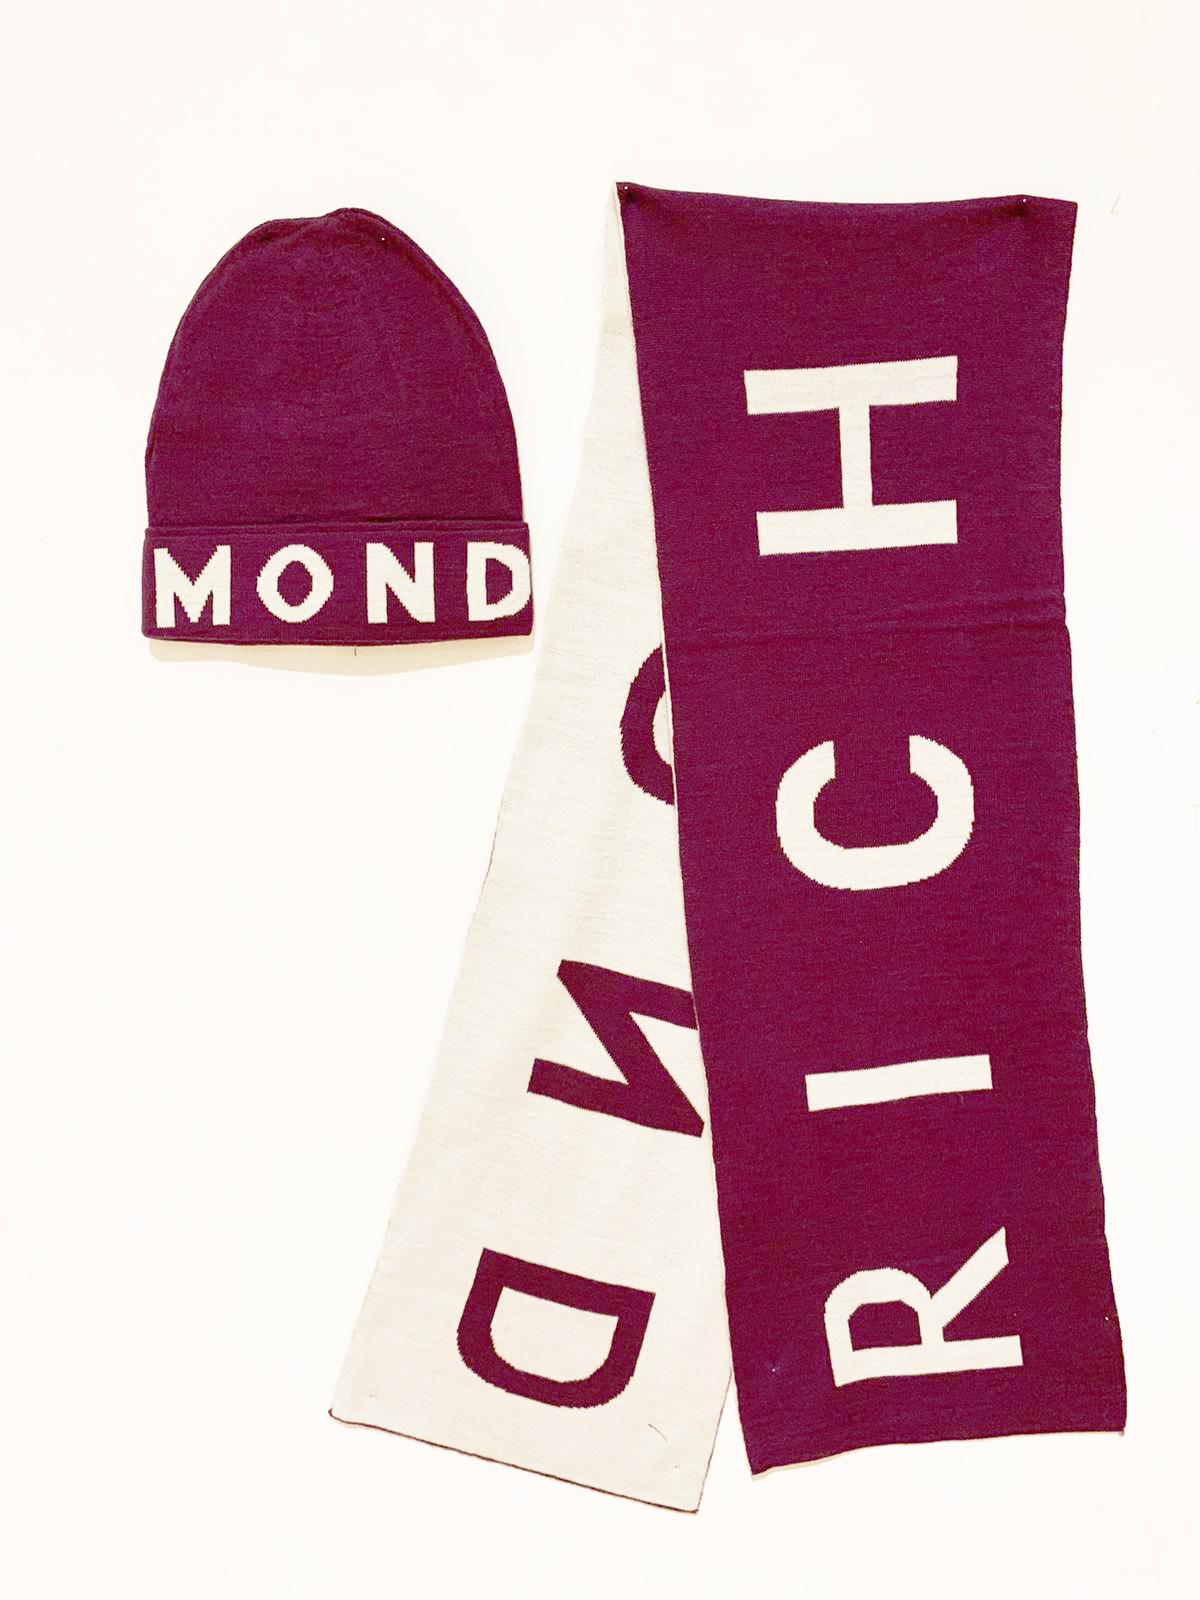 set sciarpa+cappello richmond John richmond | Sciarpa + cappello | HMA20135HSW7139